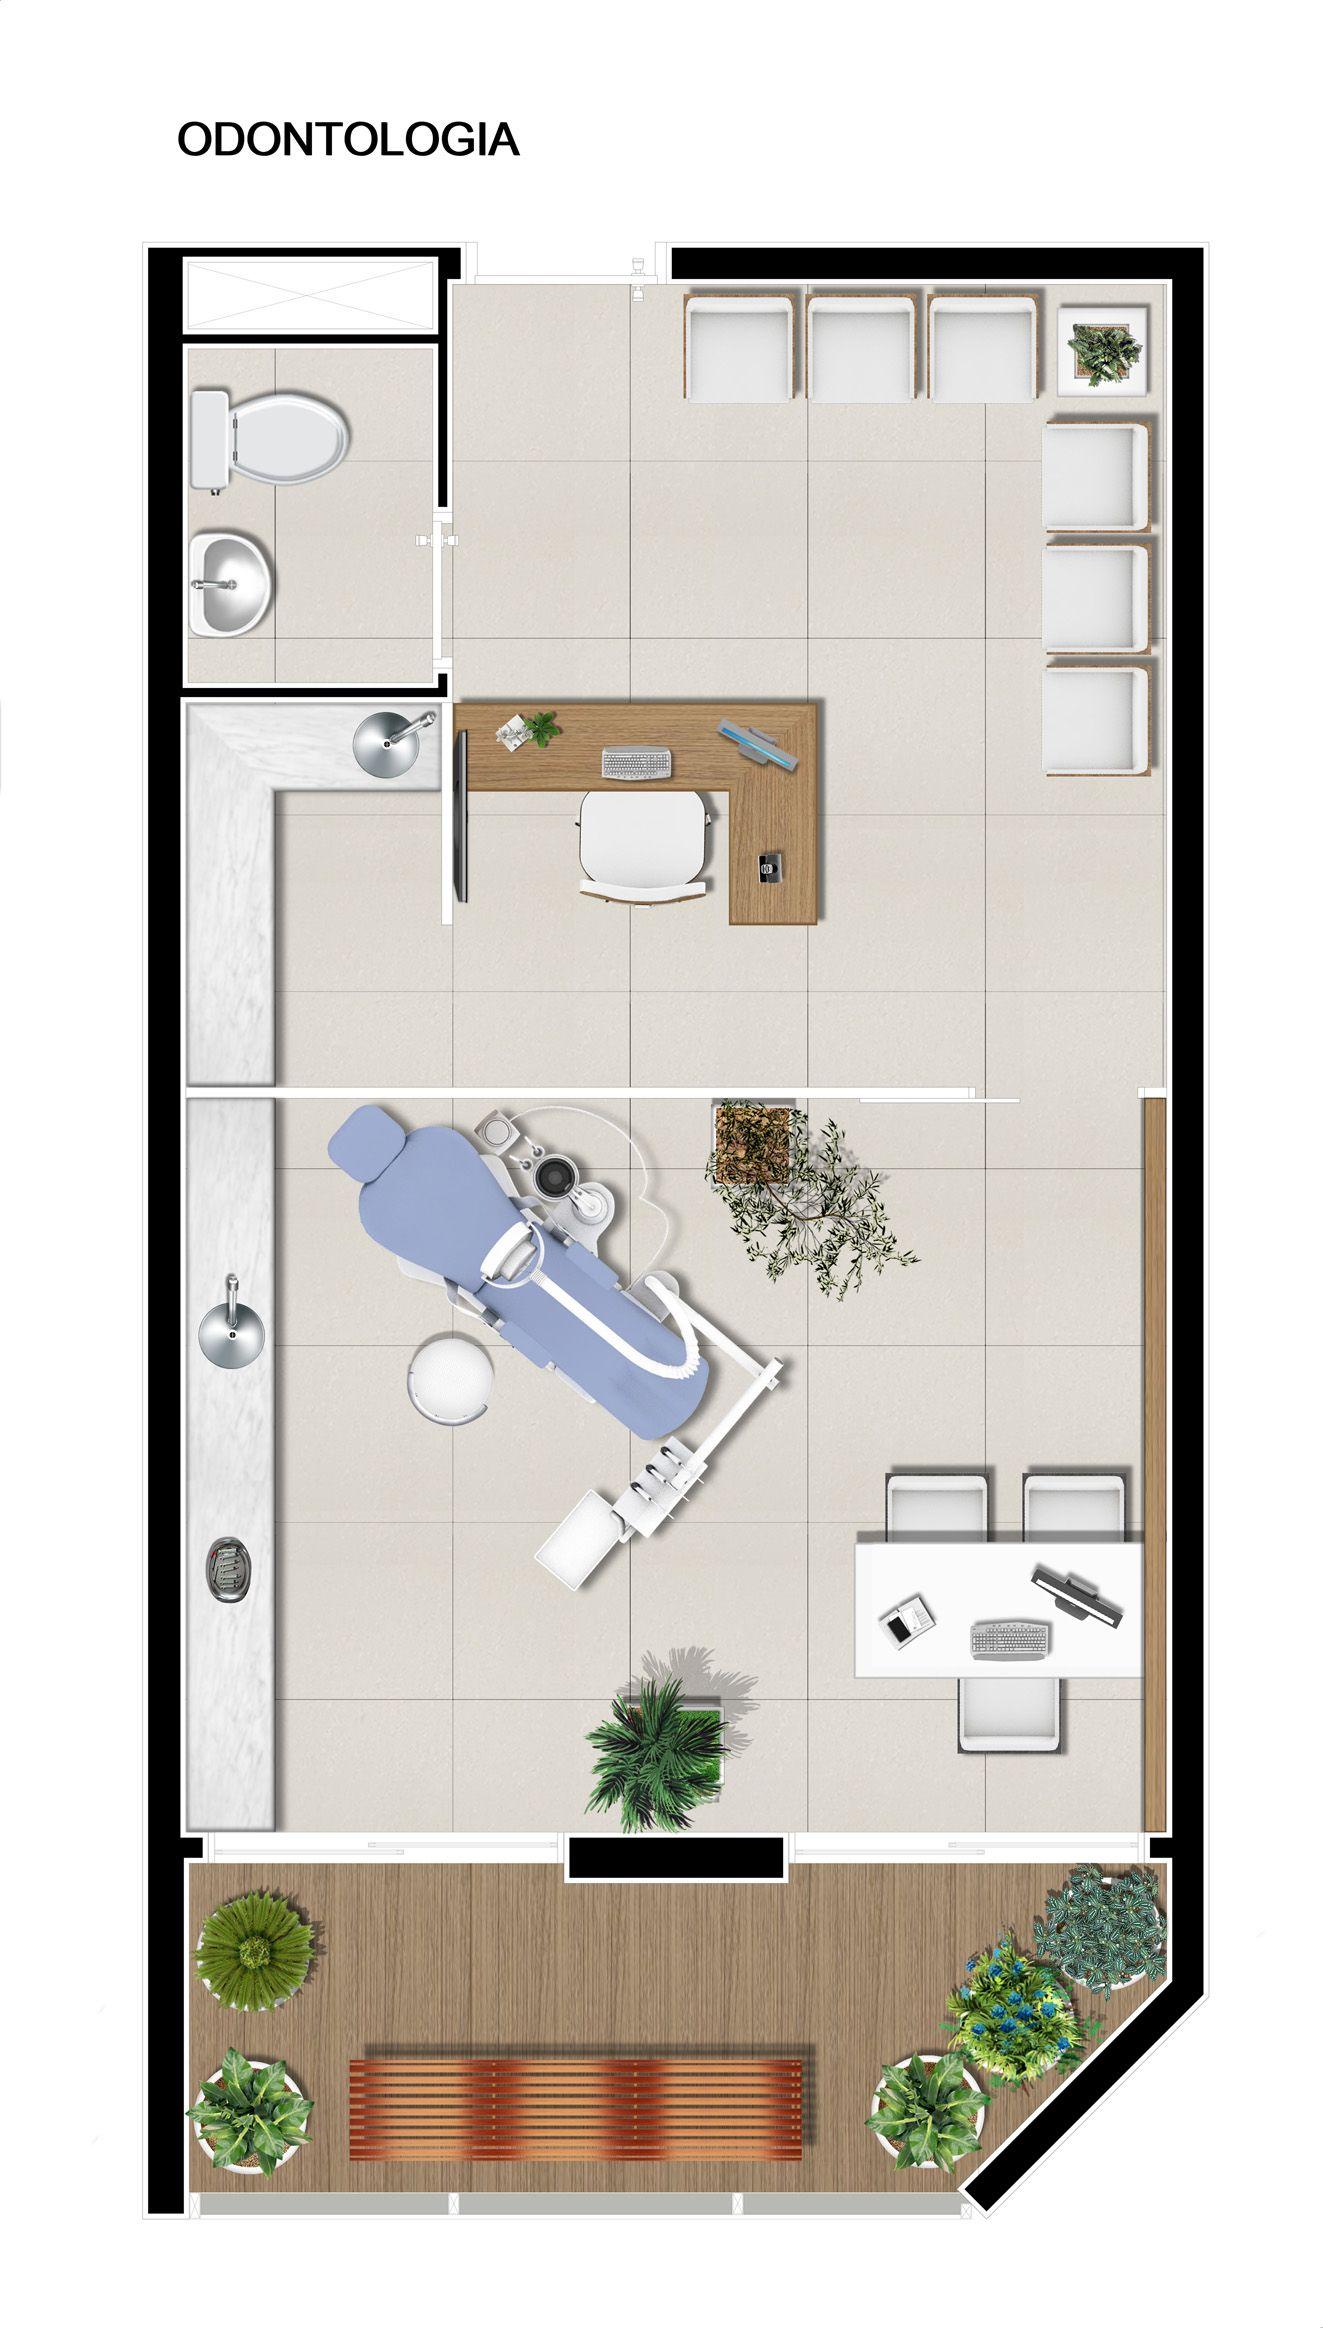 Planta consult rio m dico de 37m cl nicas inspira o for Espacios minimos arquitectura